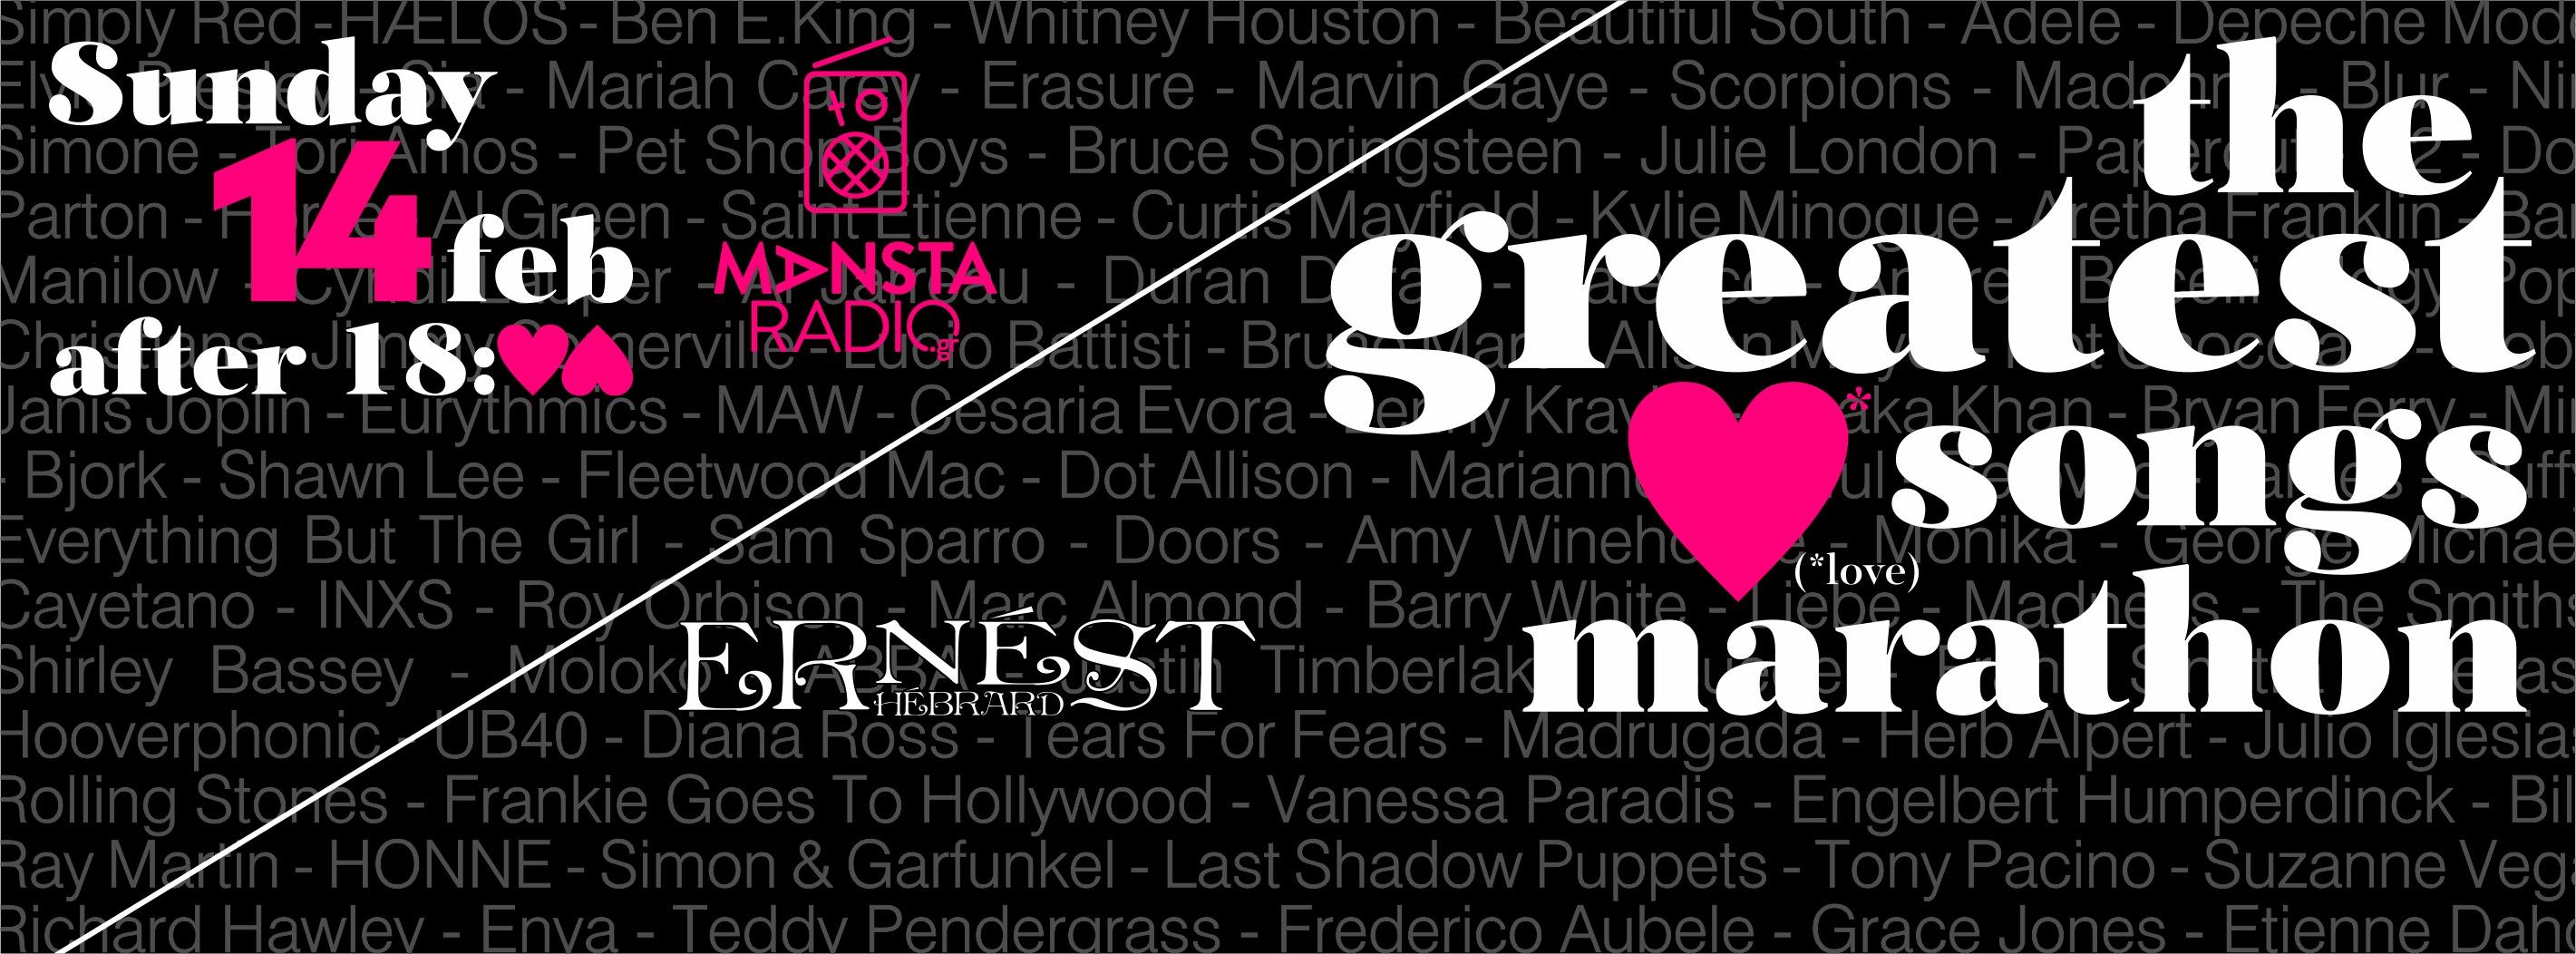 THE GREATEST LOVE SONGS MARATHON, VALENTINE'S DAY AT ERNEST HEBRARD!